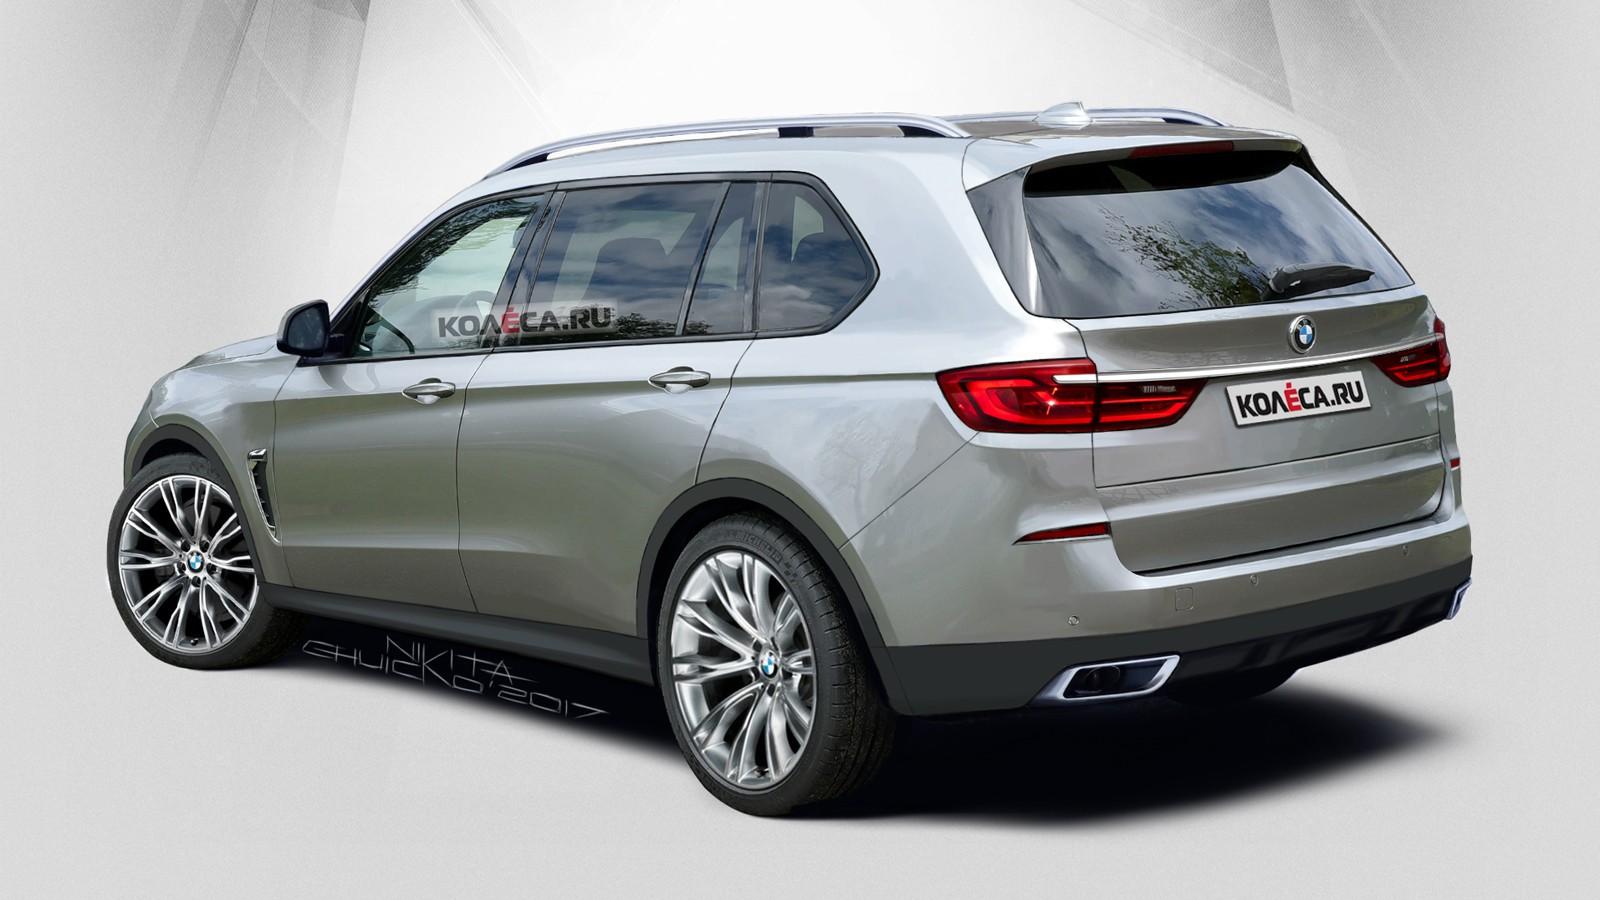 BMW X7 будет имеет общую платформу с первым кроссовером Rolls-Royce — Cullinan